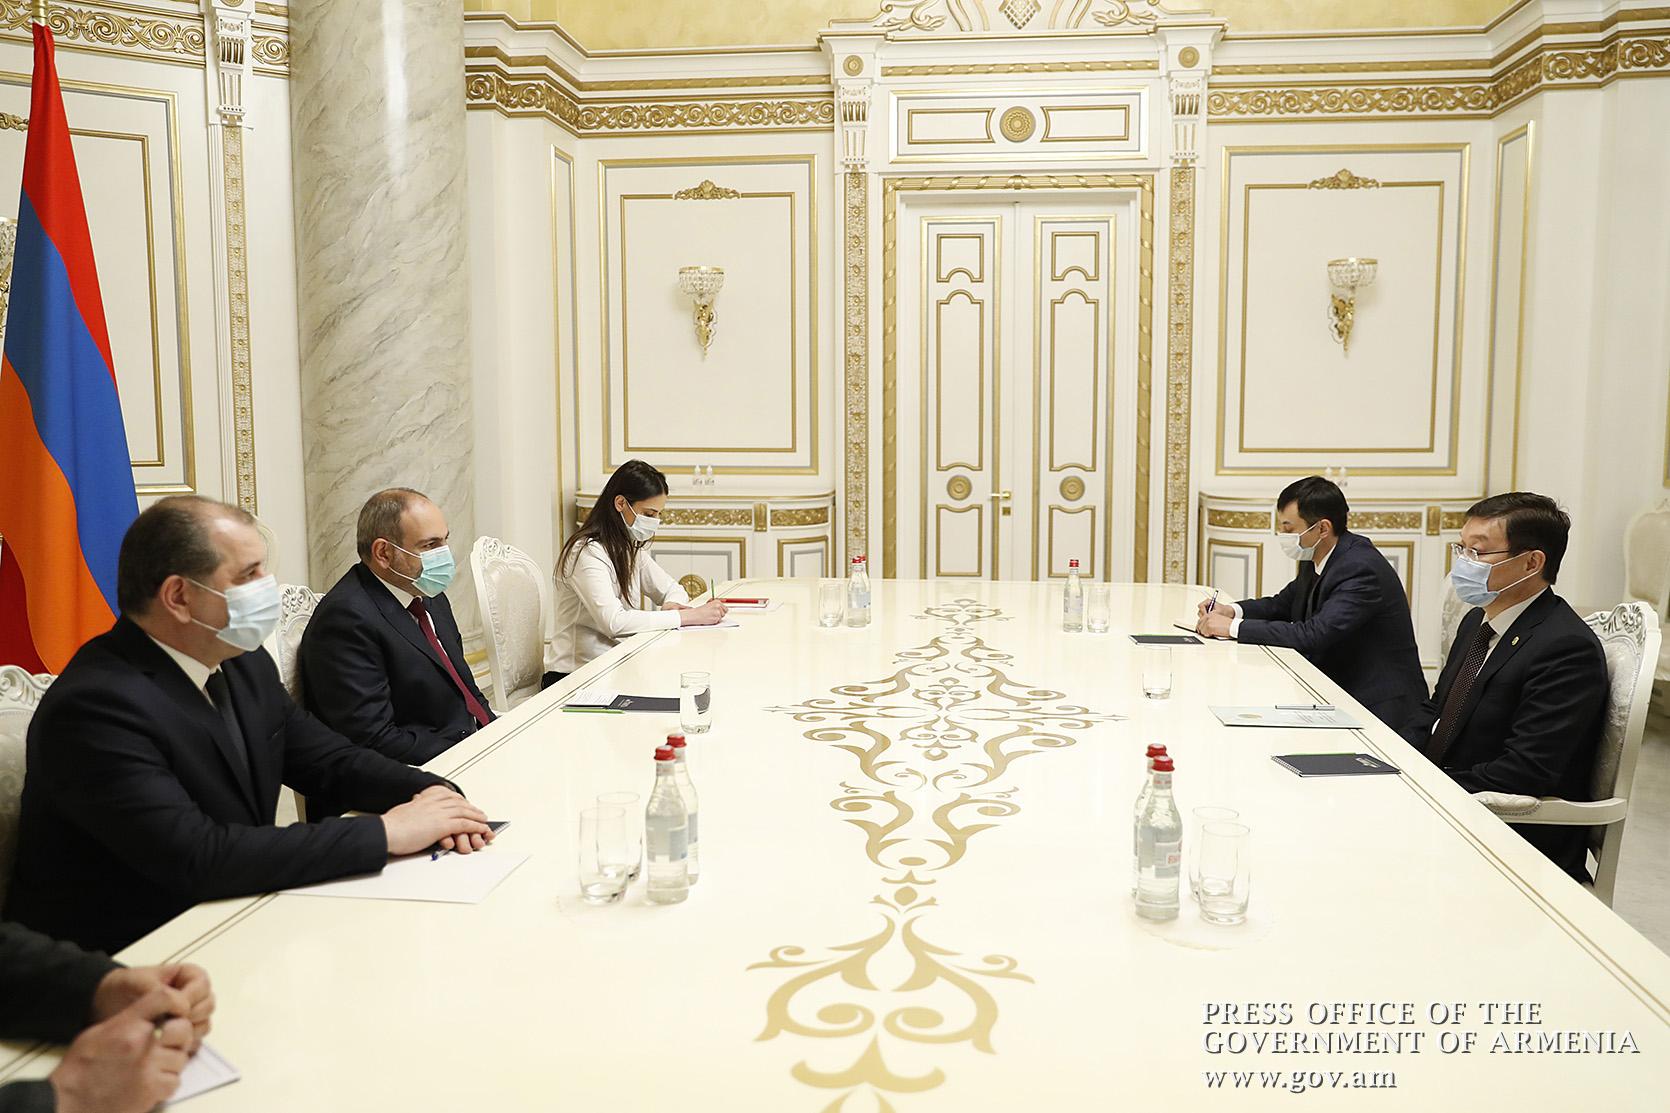 Photo of Հայ-ղազախական տնտեսական կապերը զարգացման լավ նախադրյալներ ունեն. վարչապետը հրաժեշտի հանդիպում է ունեցել դեսպան Ուրազաևի հետ